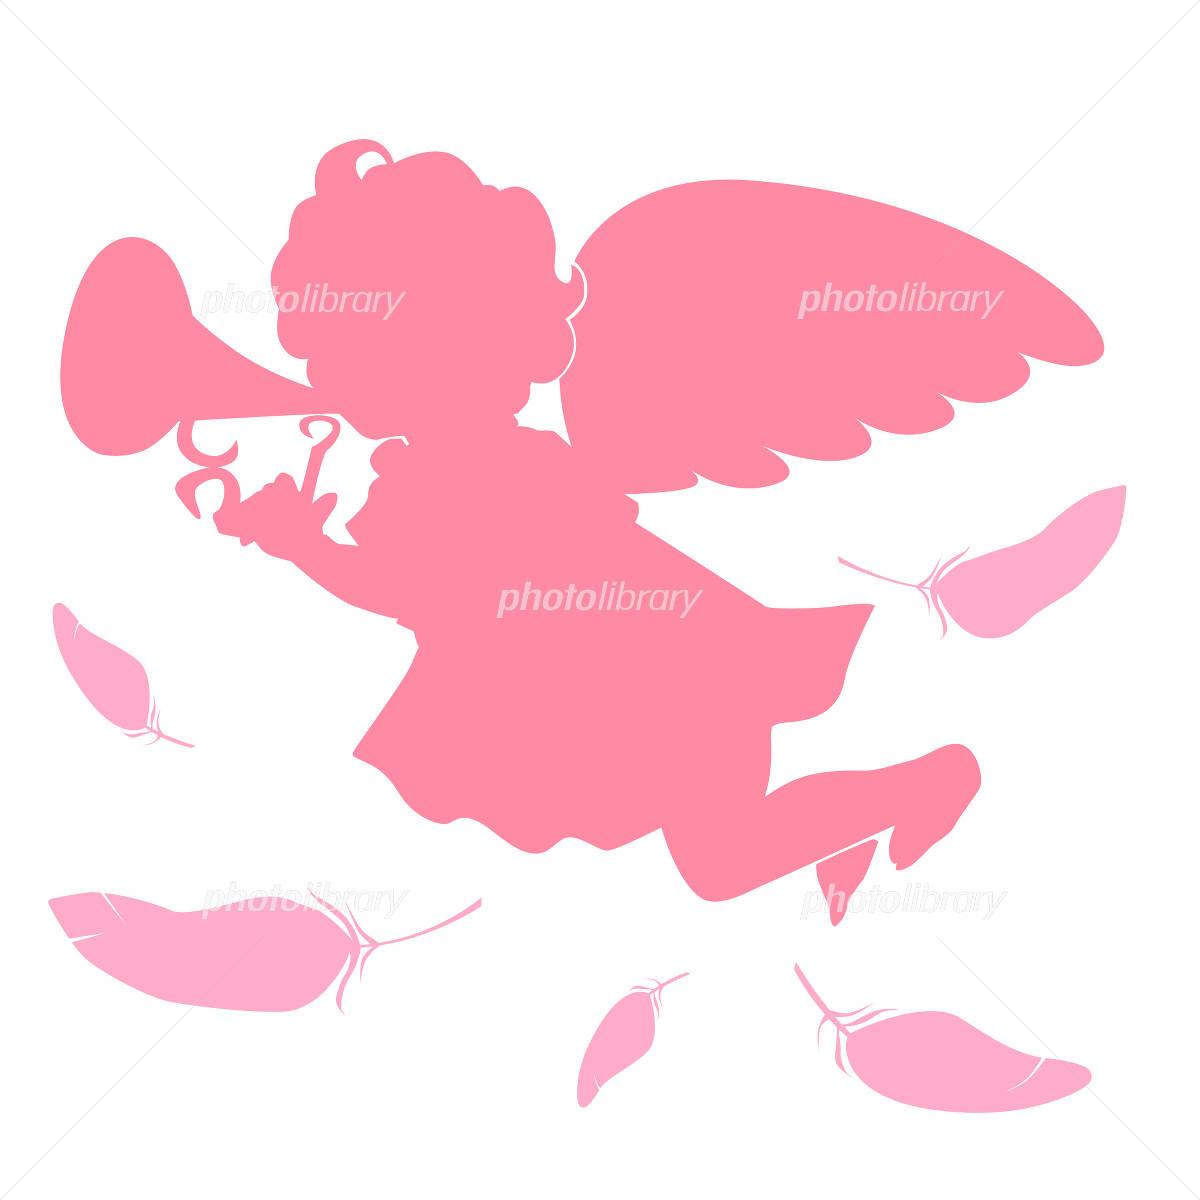 天使と羽根のイラスト イラスト素材 1139960 フォトライブラリー